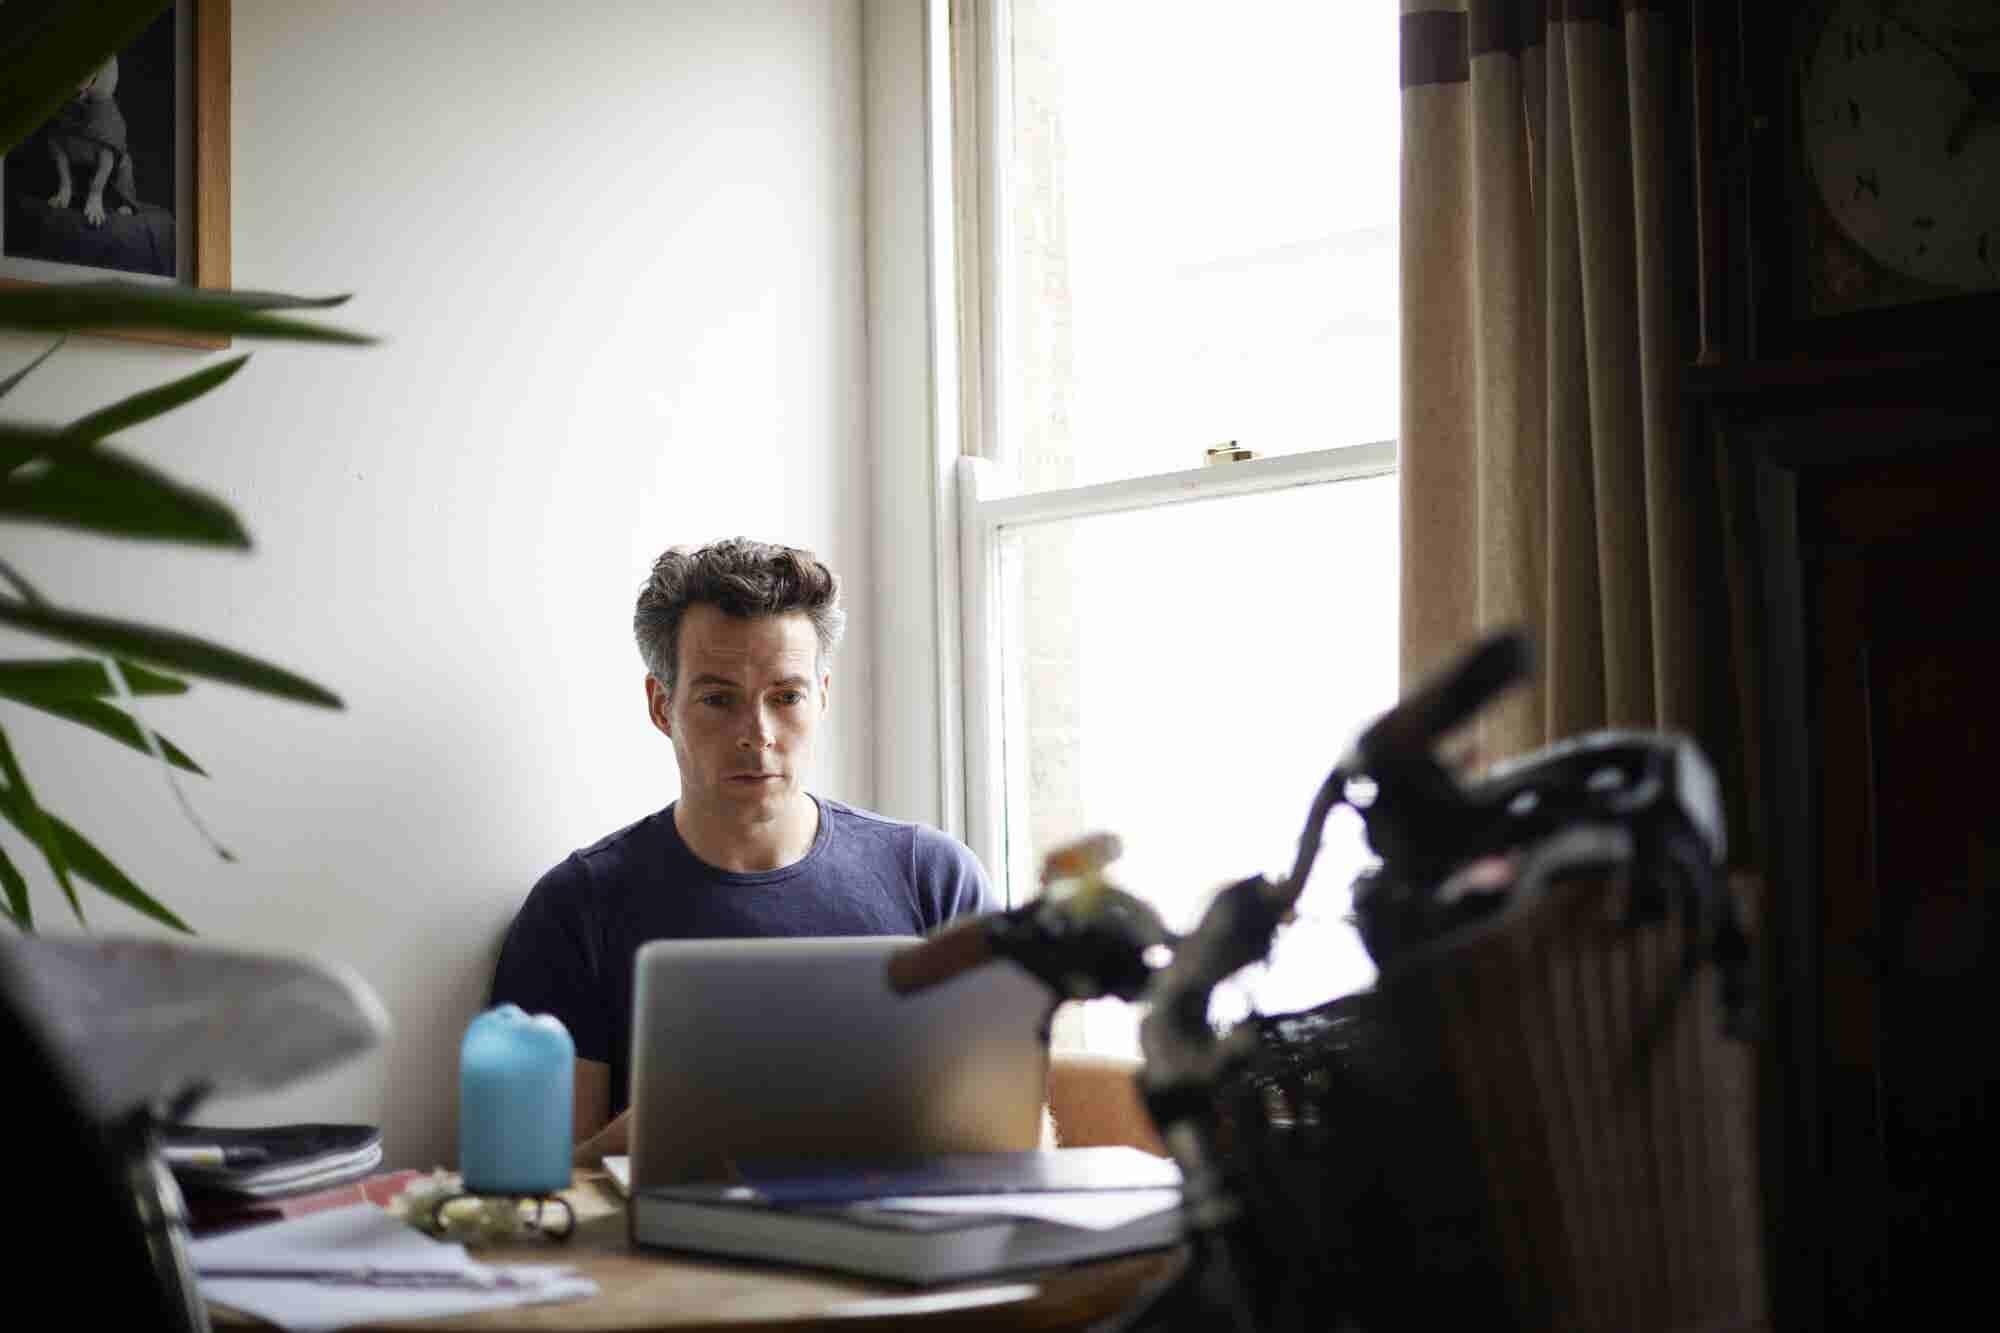 The Hermit Entrepreneur's Toolkit